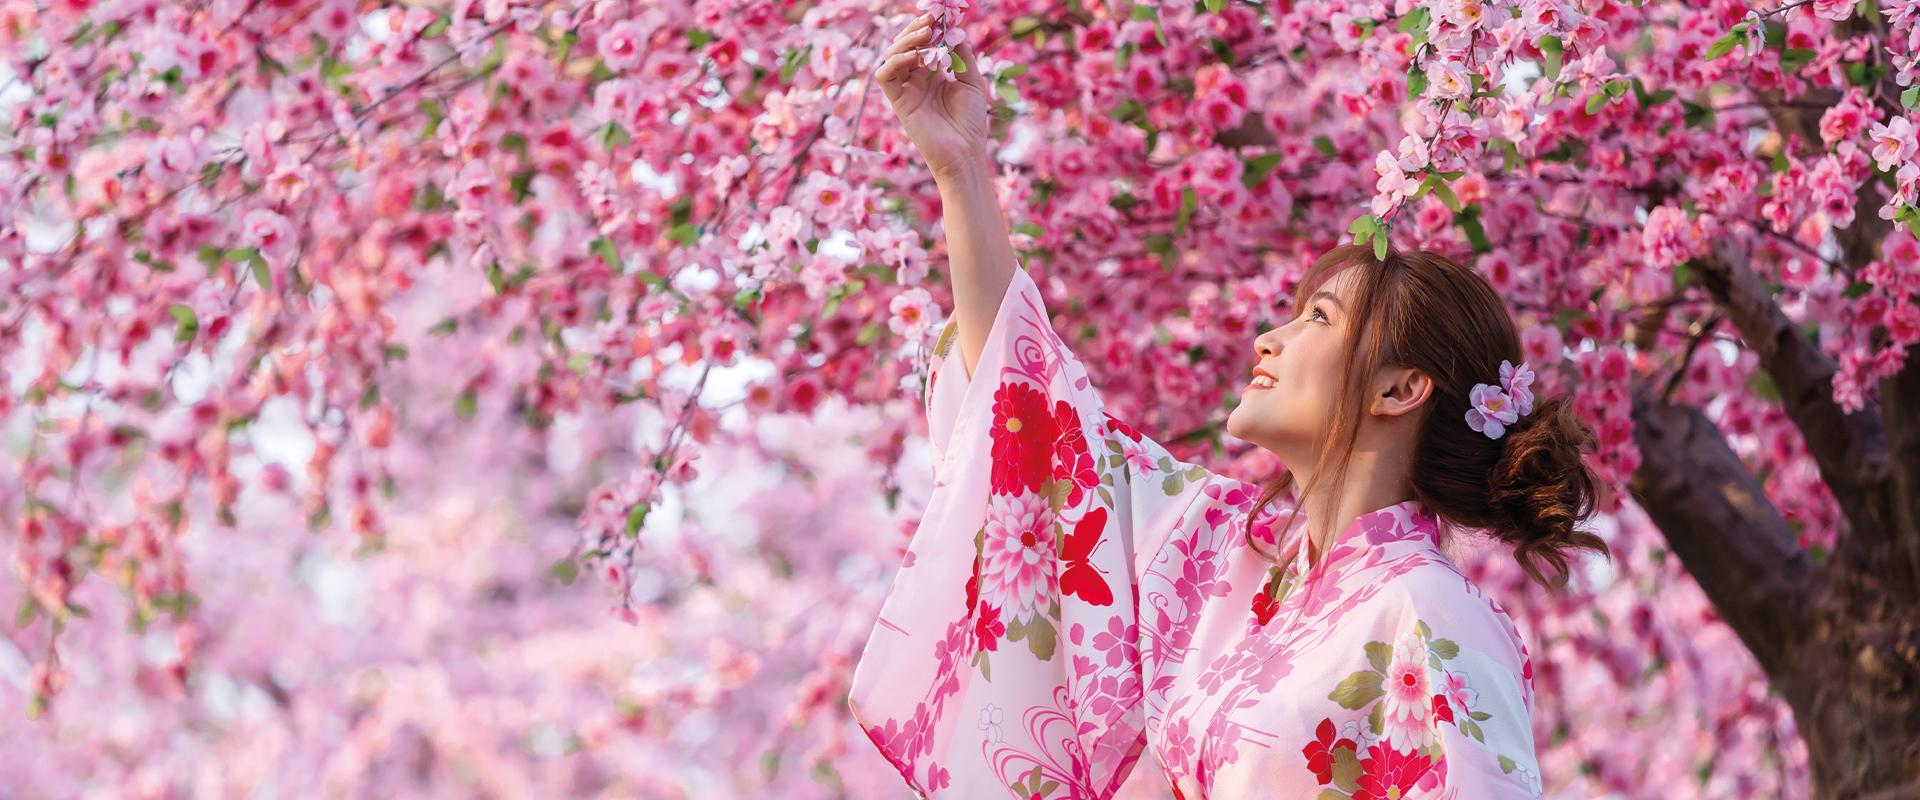 HANAMI: è finalmente arrivato il momento di ammirare i ciliegi in fiore! 🌸